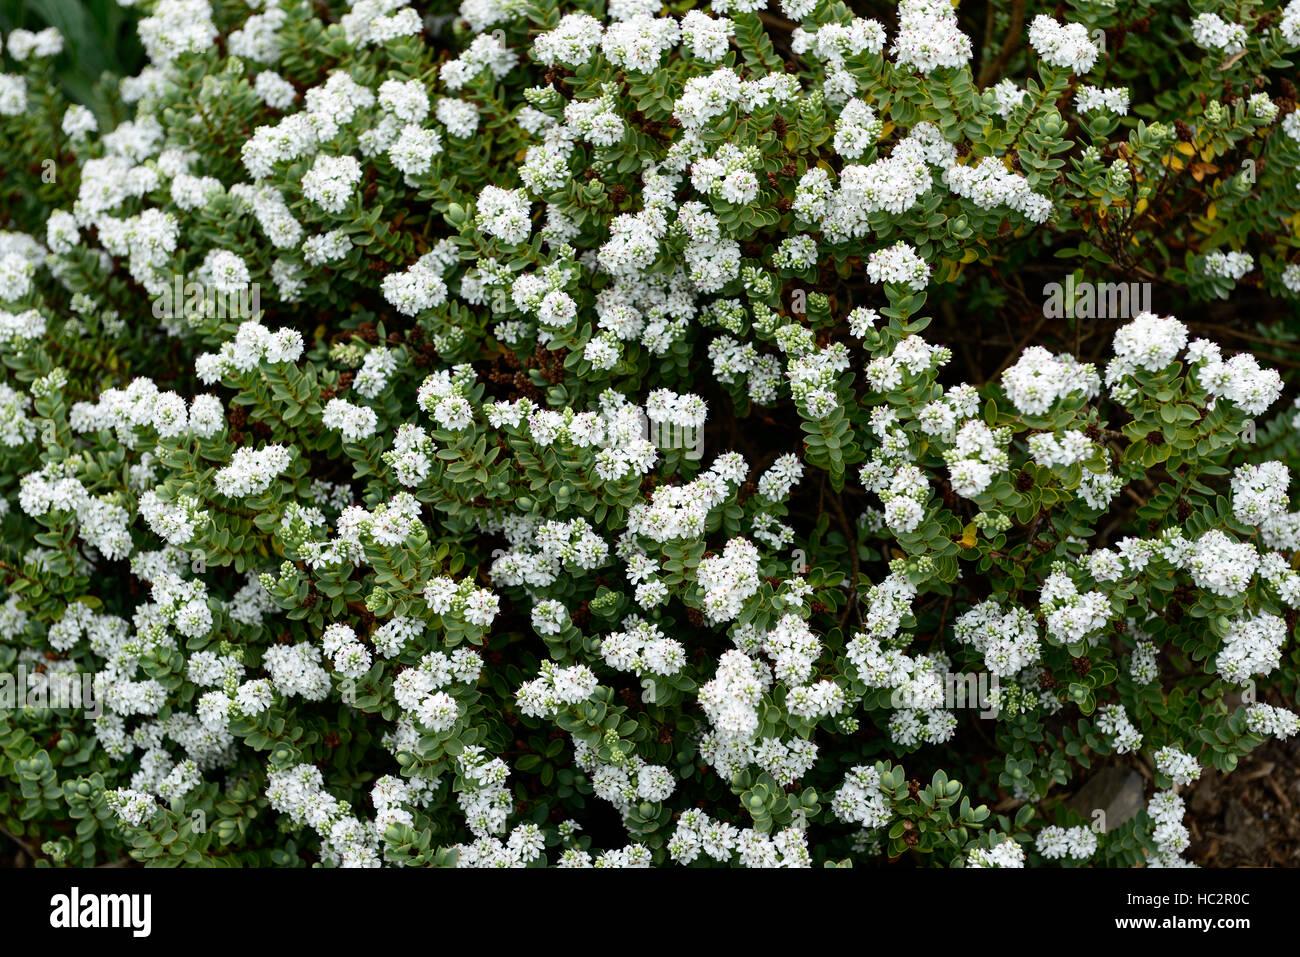 White Flowers Shrub Stock Photos White Flowers Shrub Stock Images